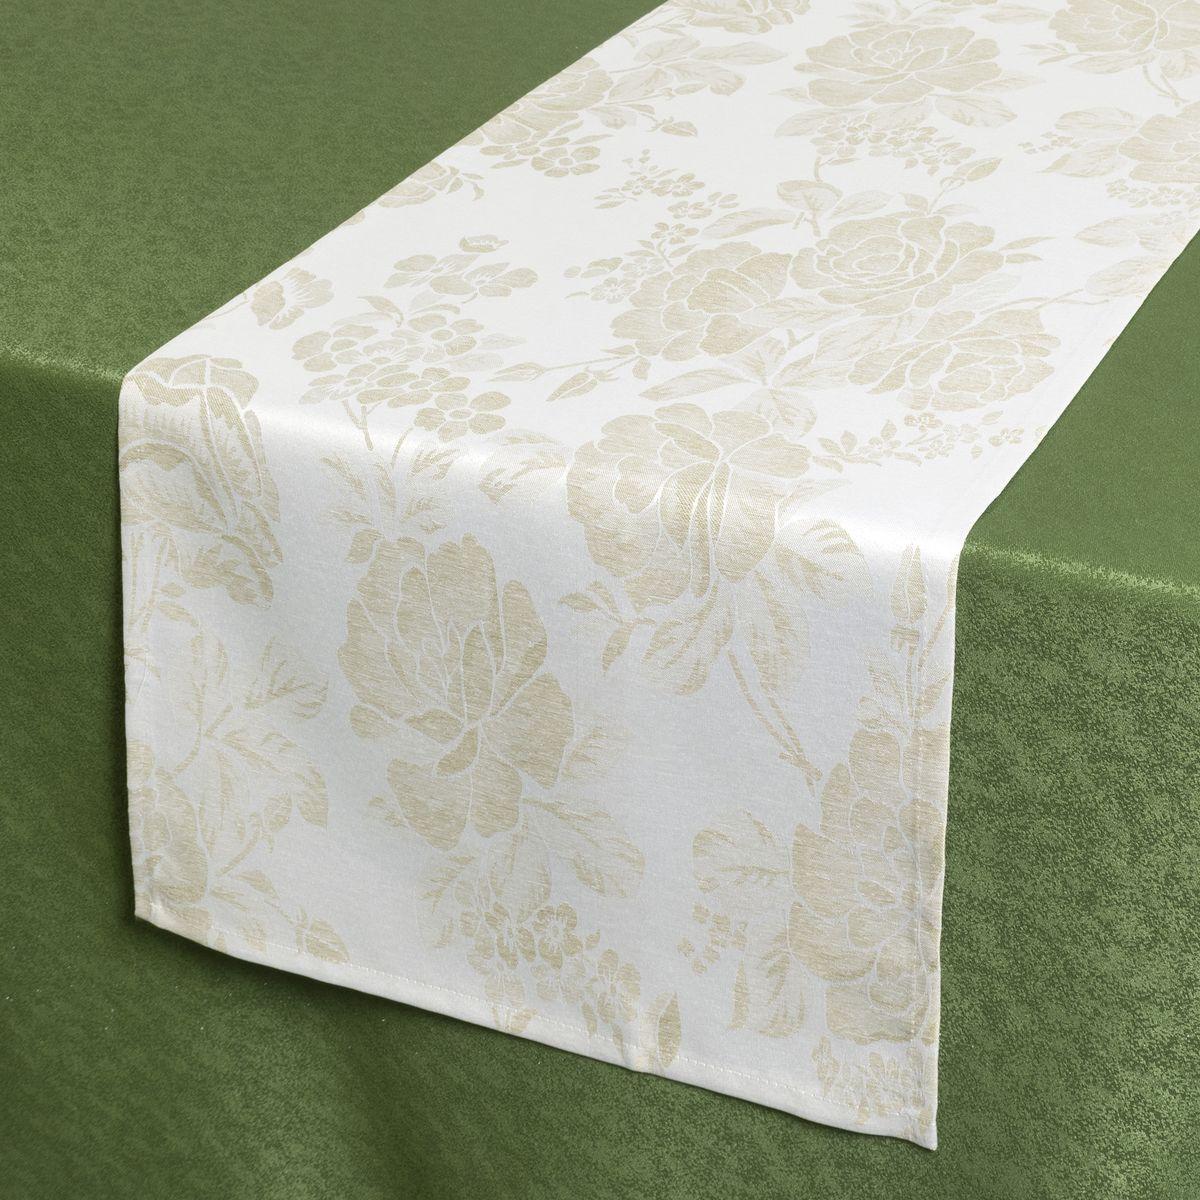 Дорожка для декорирования стола Schaefer , 40 х 140 см. 07837-21107837-211Дорожка для декорирования стола Schaefer может быть использована, как основной элемент, так и дополнение для создания уюта и романтического настроения.Дорожка выполнена из полиэстера. Изделие легко стирать: оно не мнется, не садится и быстро сохнет, более долговечно, чем изделие из натуральных волокон.Материал: 100% полиэстер.Размер: 40 х 140 см.